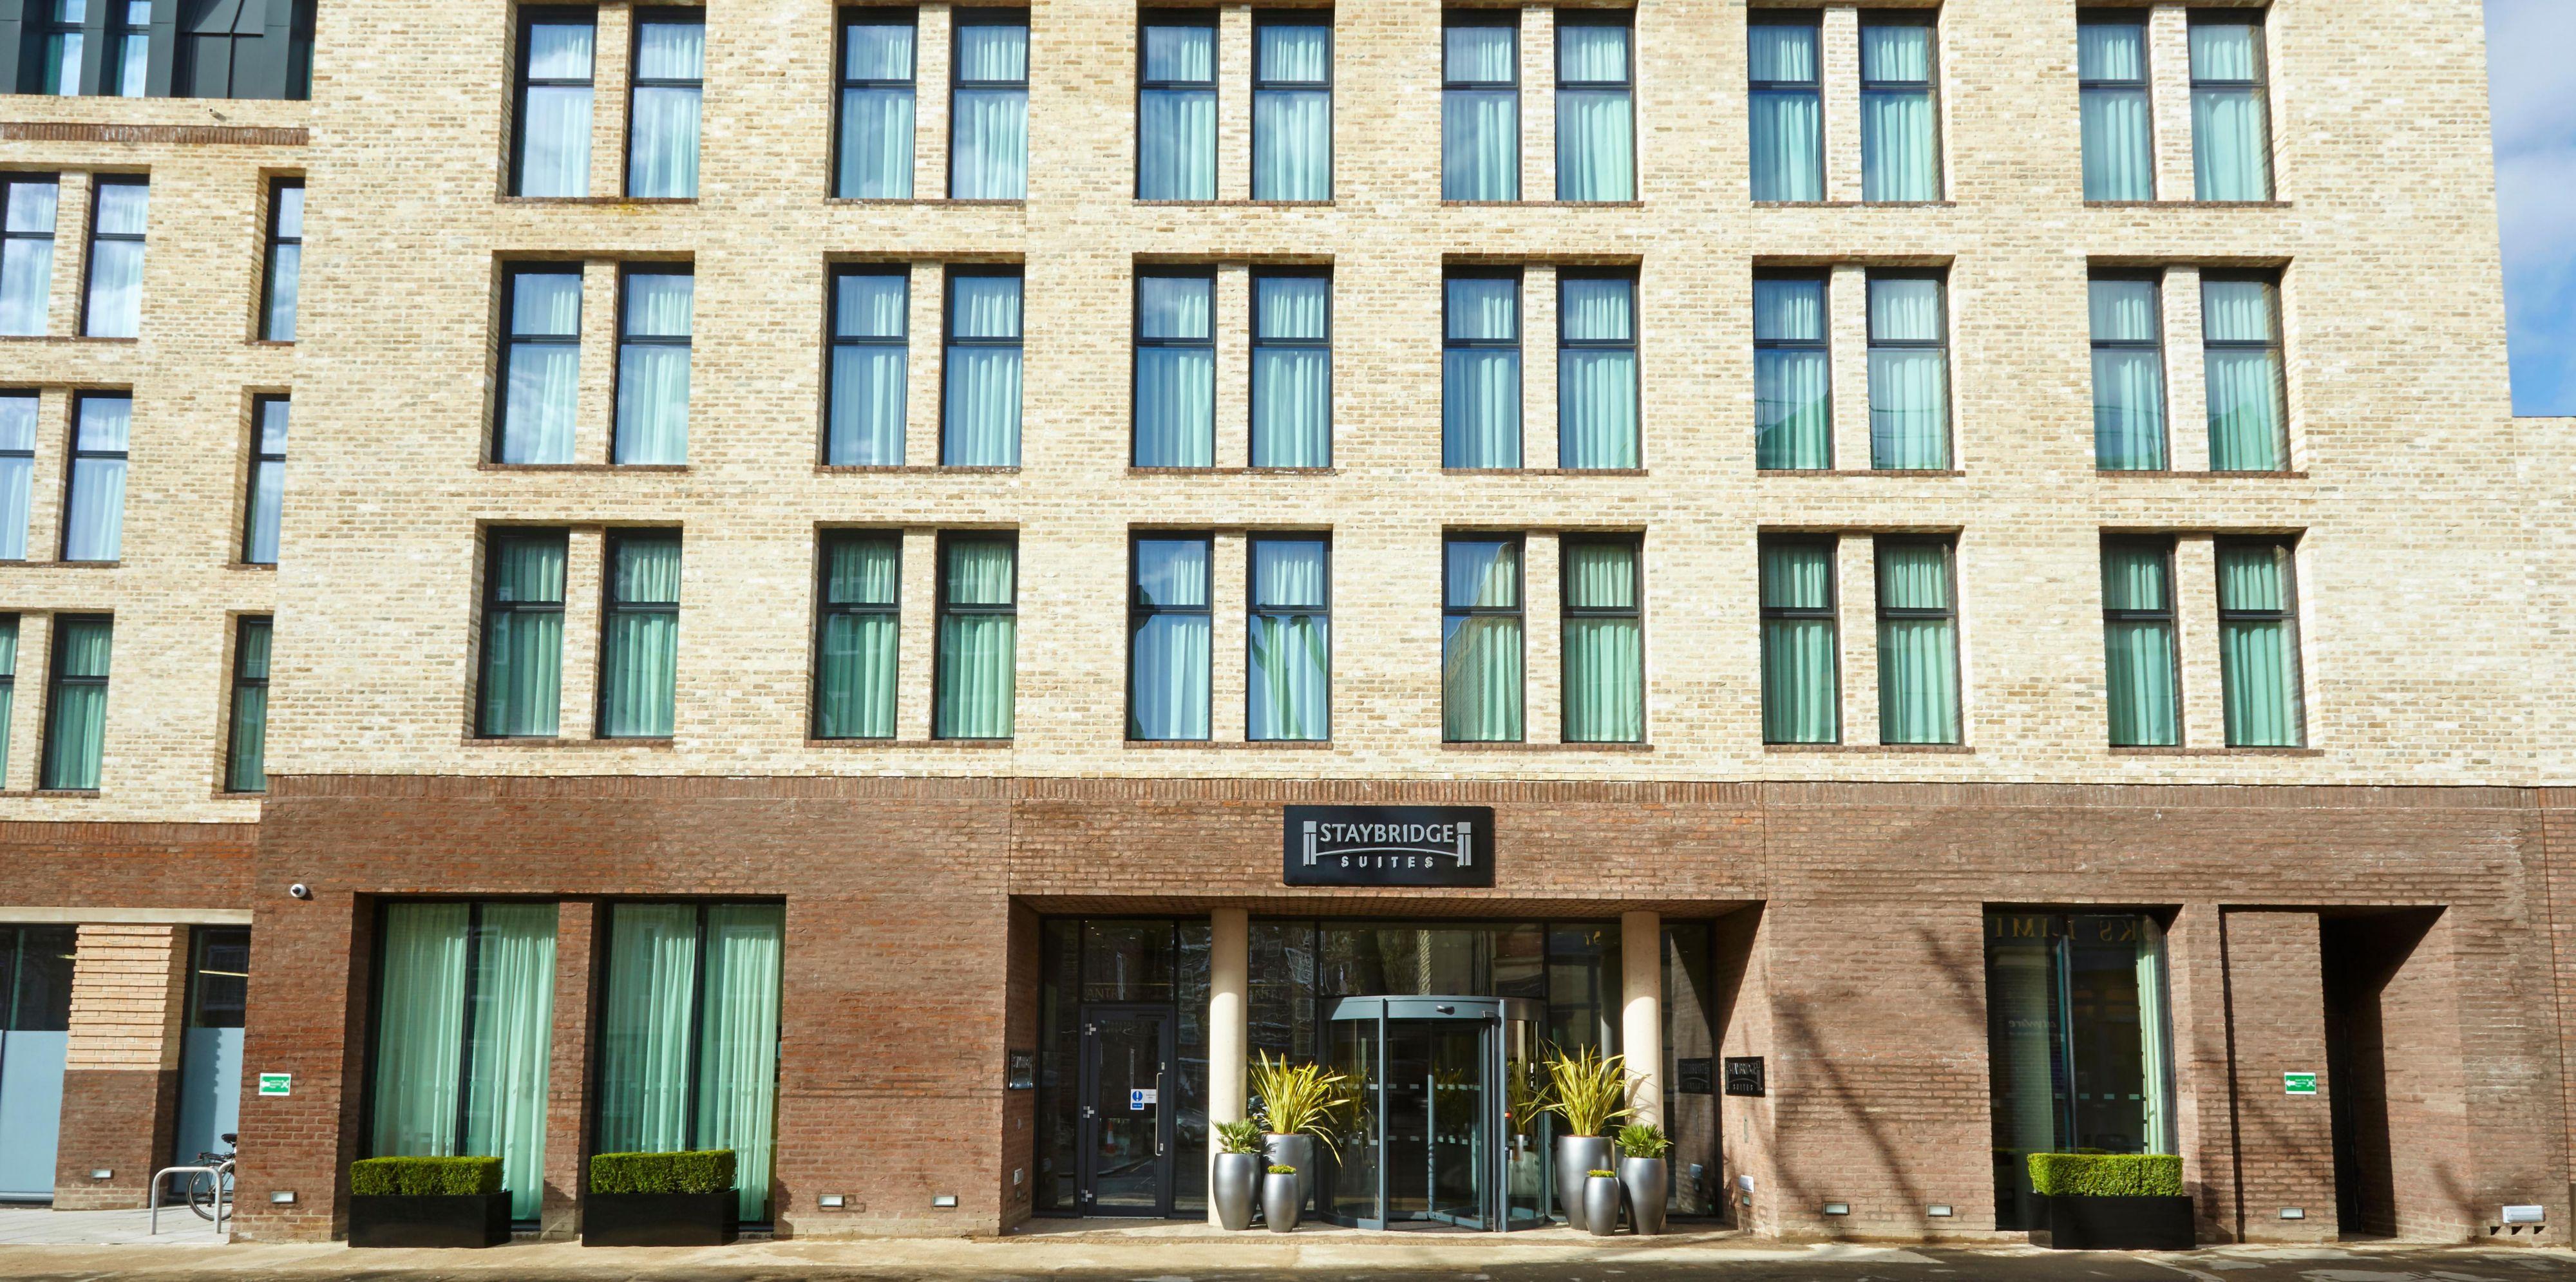 Hoteles en el centro de londres londres baratos hotel for Hoteles familiares en londres